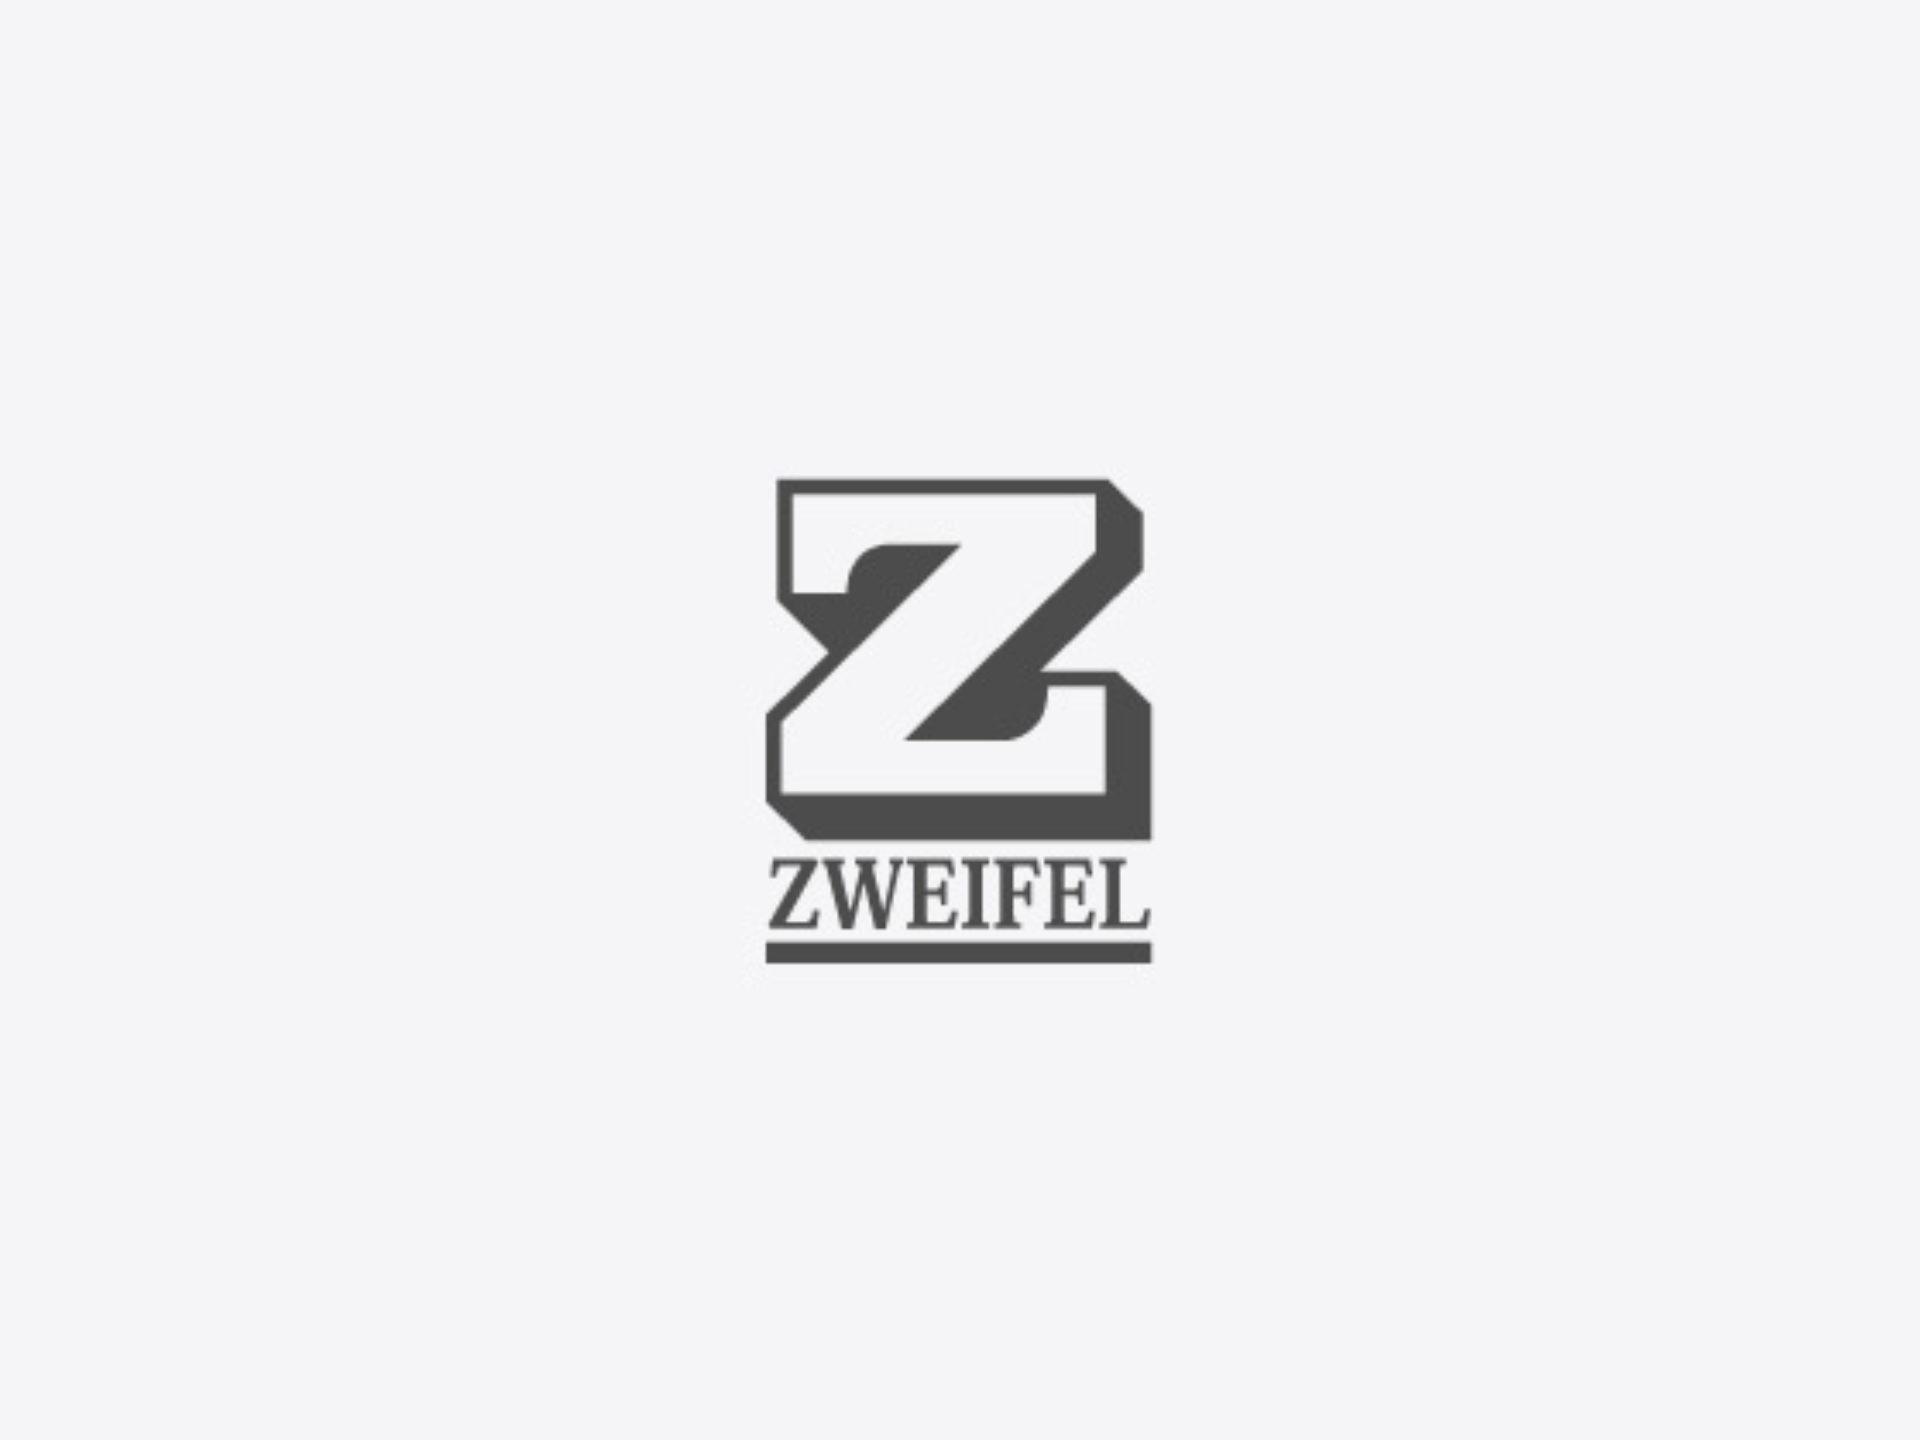 Zweifel Logo